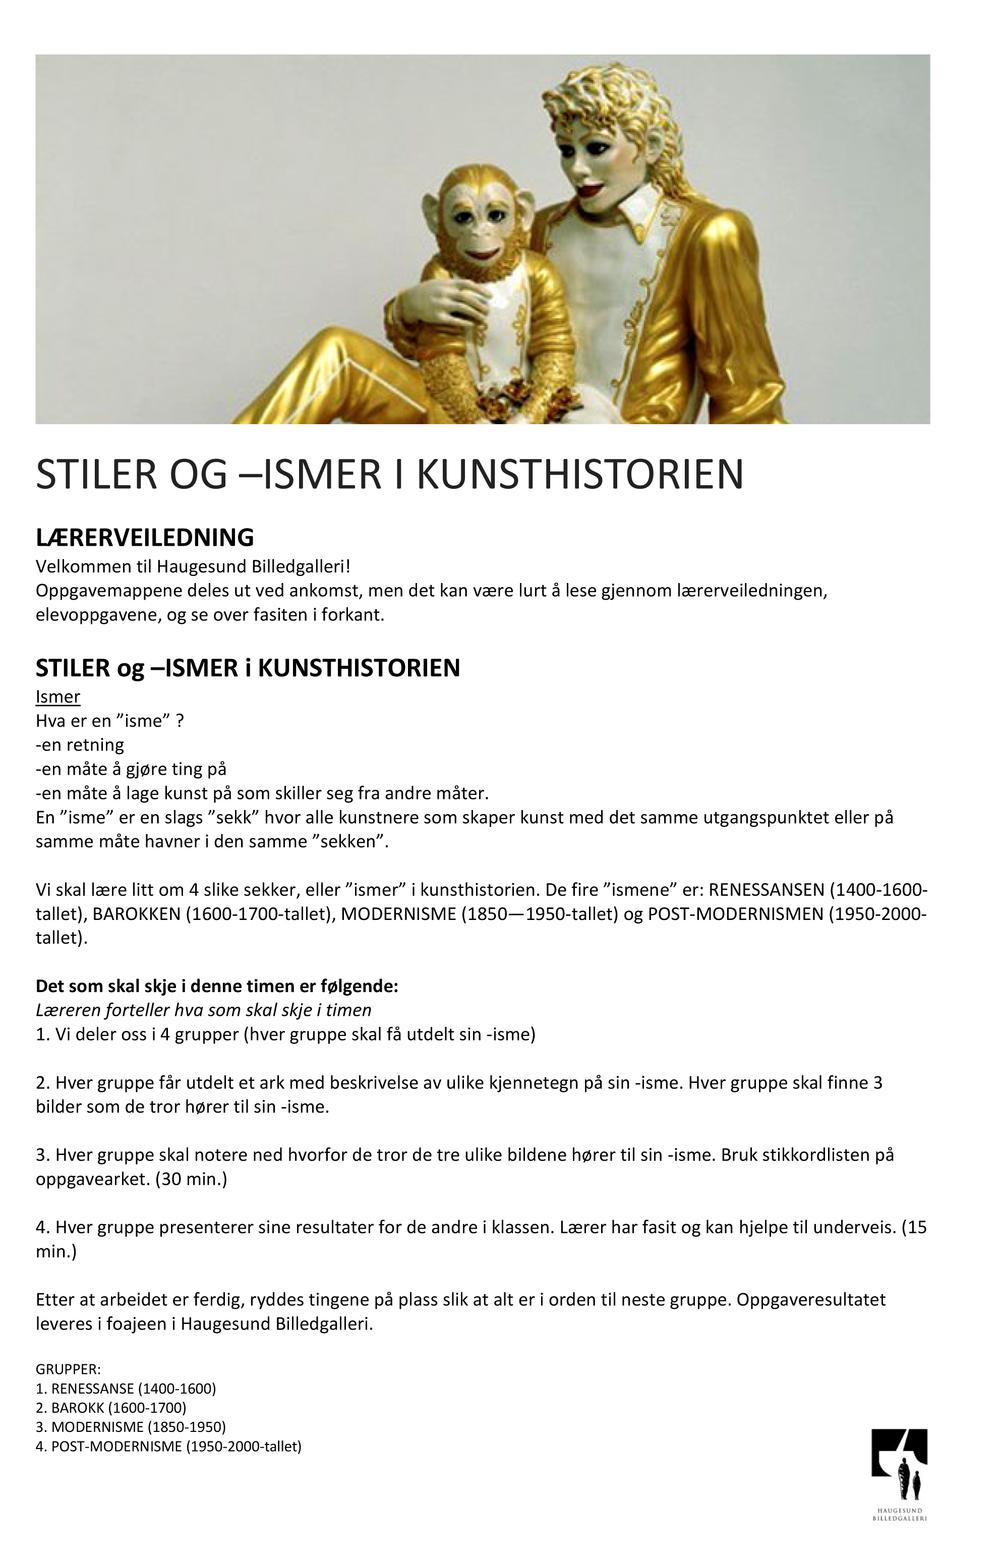 STILER og ISMER i kunsthistorien - lærerveiledning.jpg